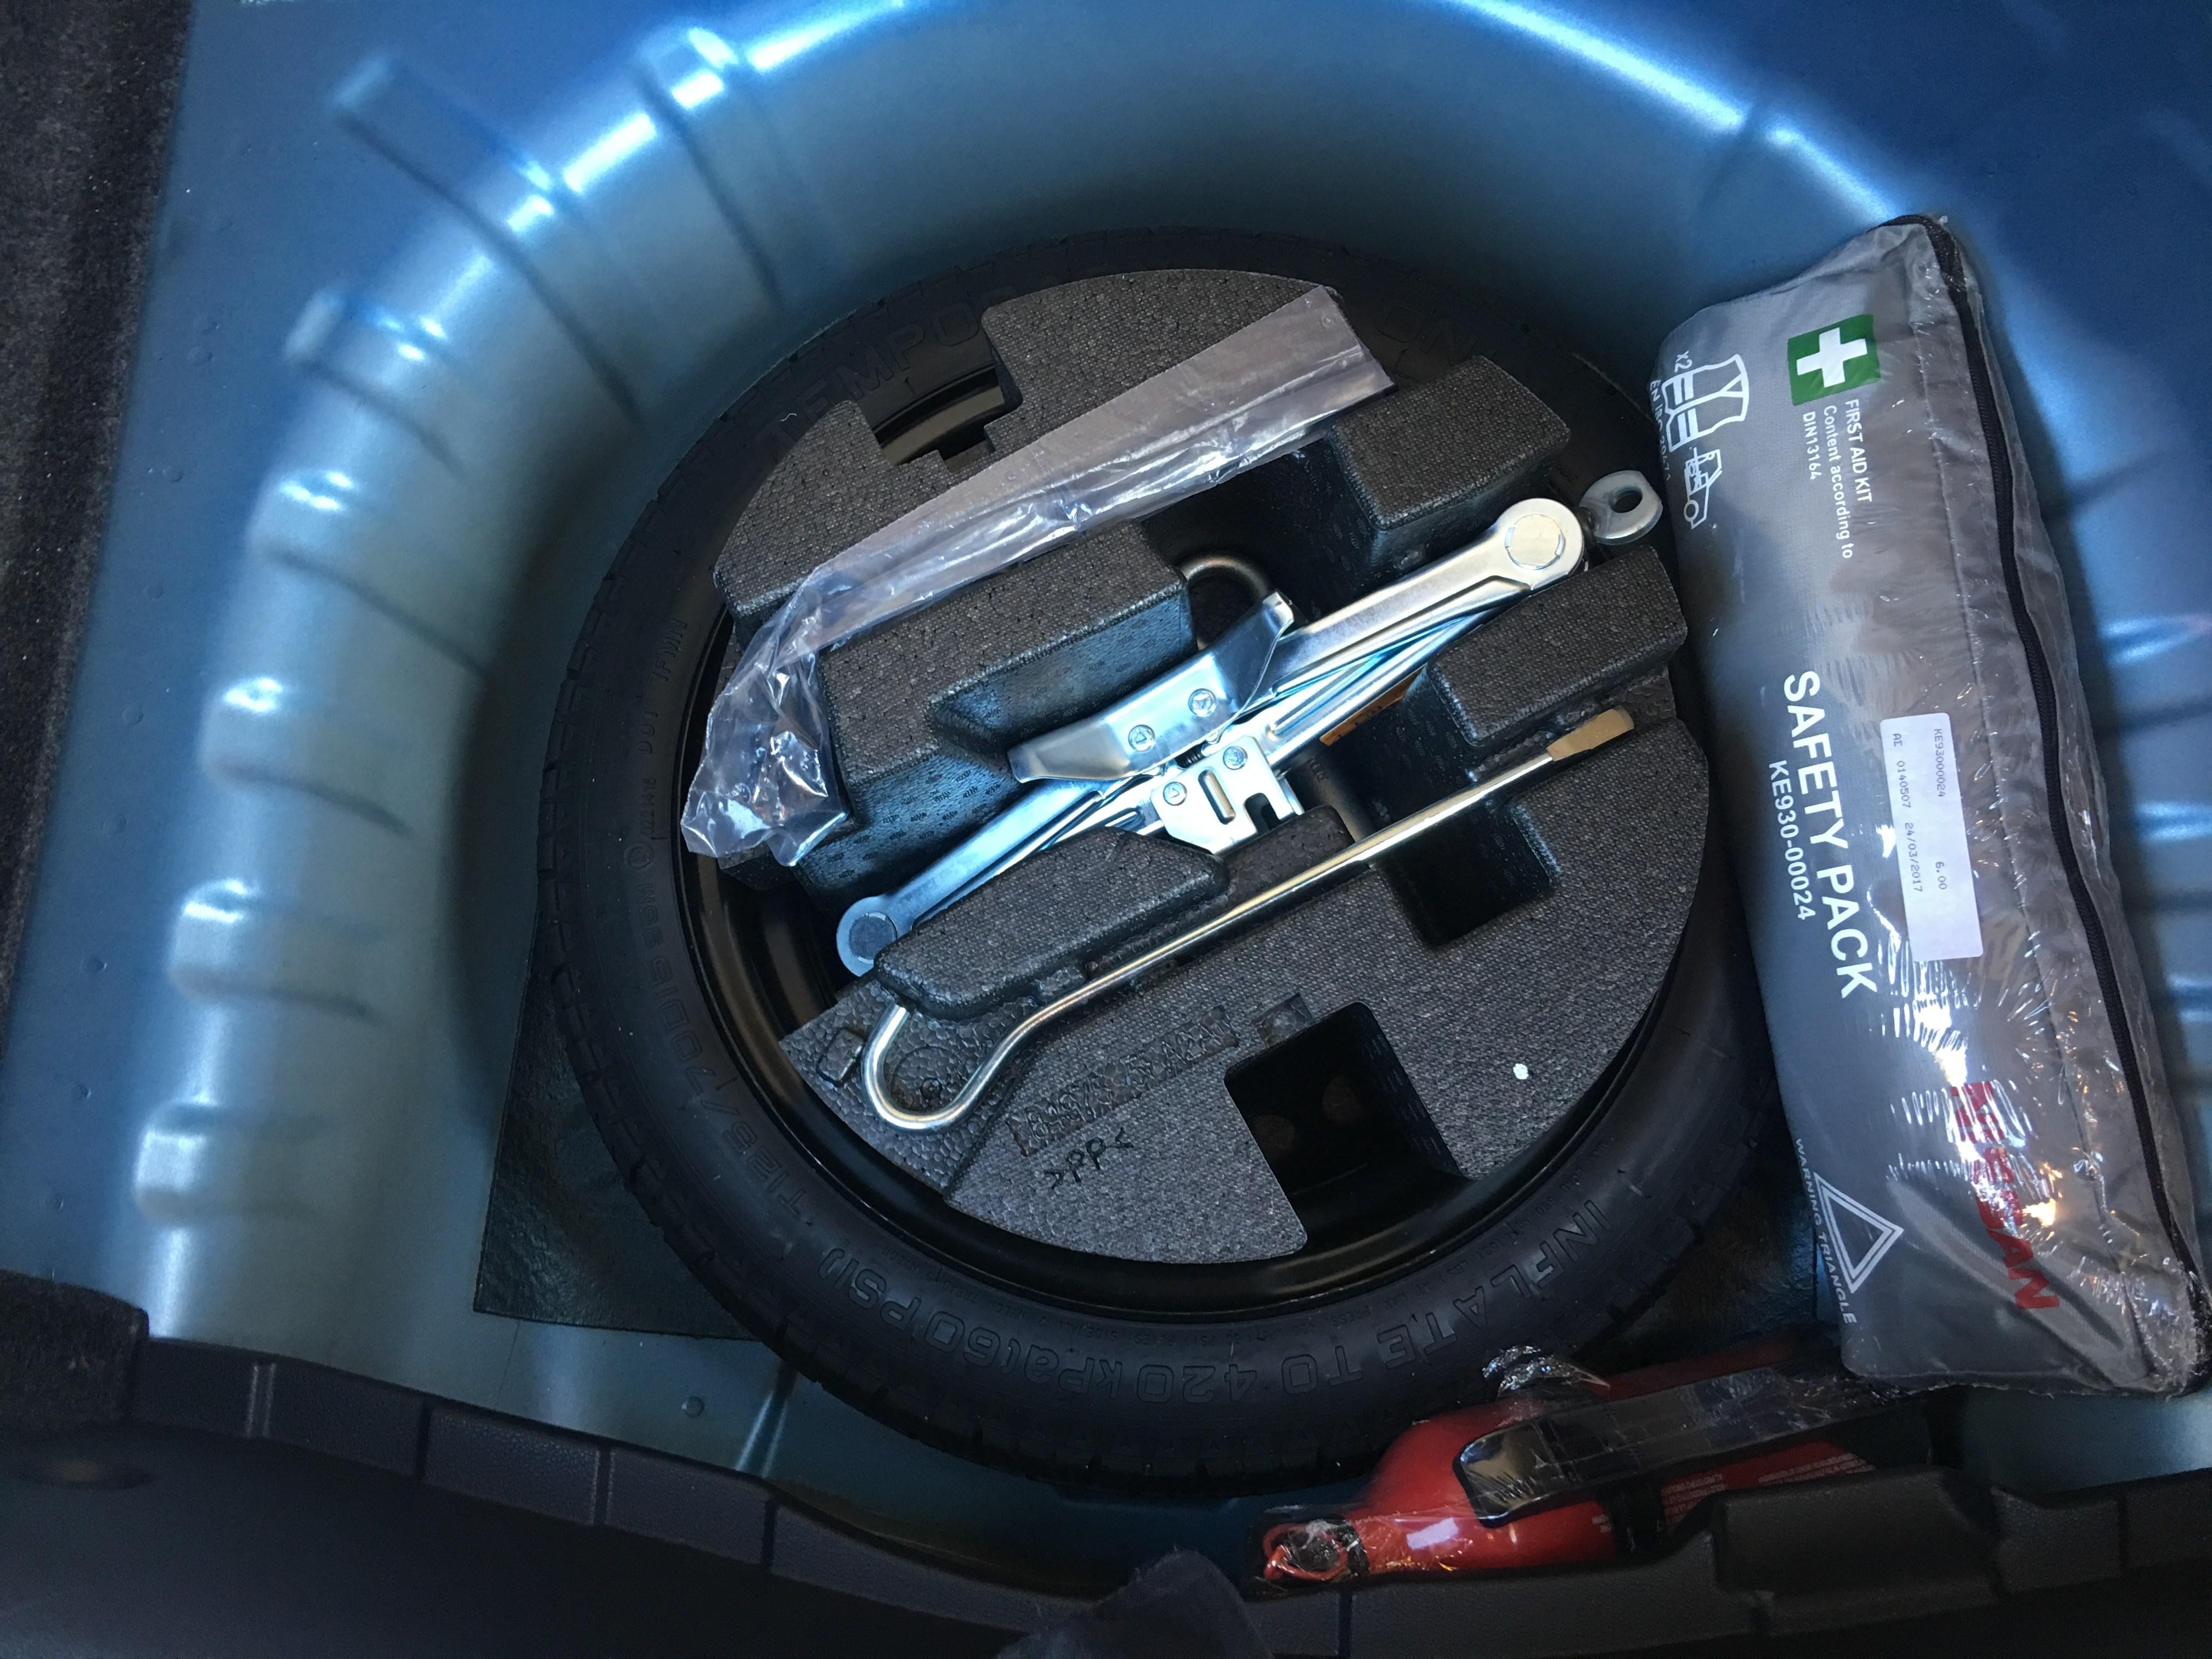 Αξιοπρεπέστατο το νέο Micra 5ης γενιάς με τον τούρμπο κινητήρα